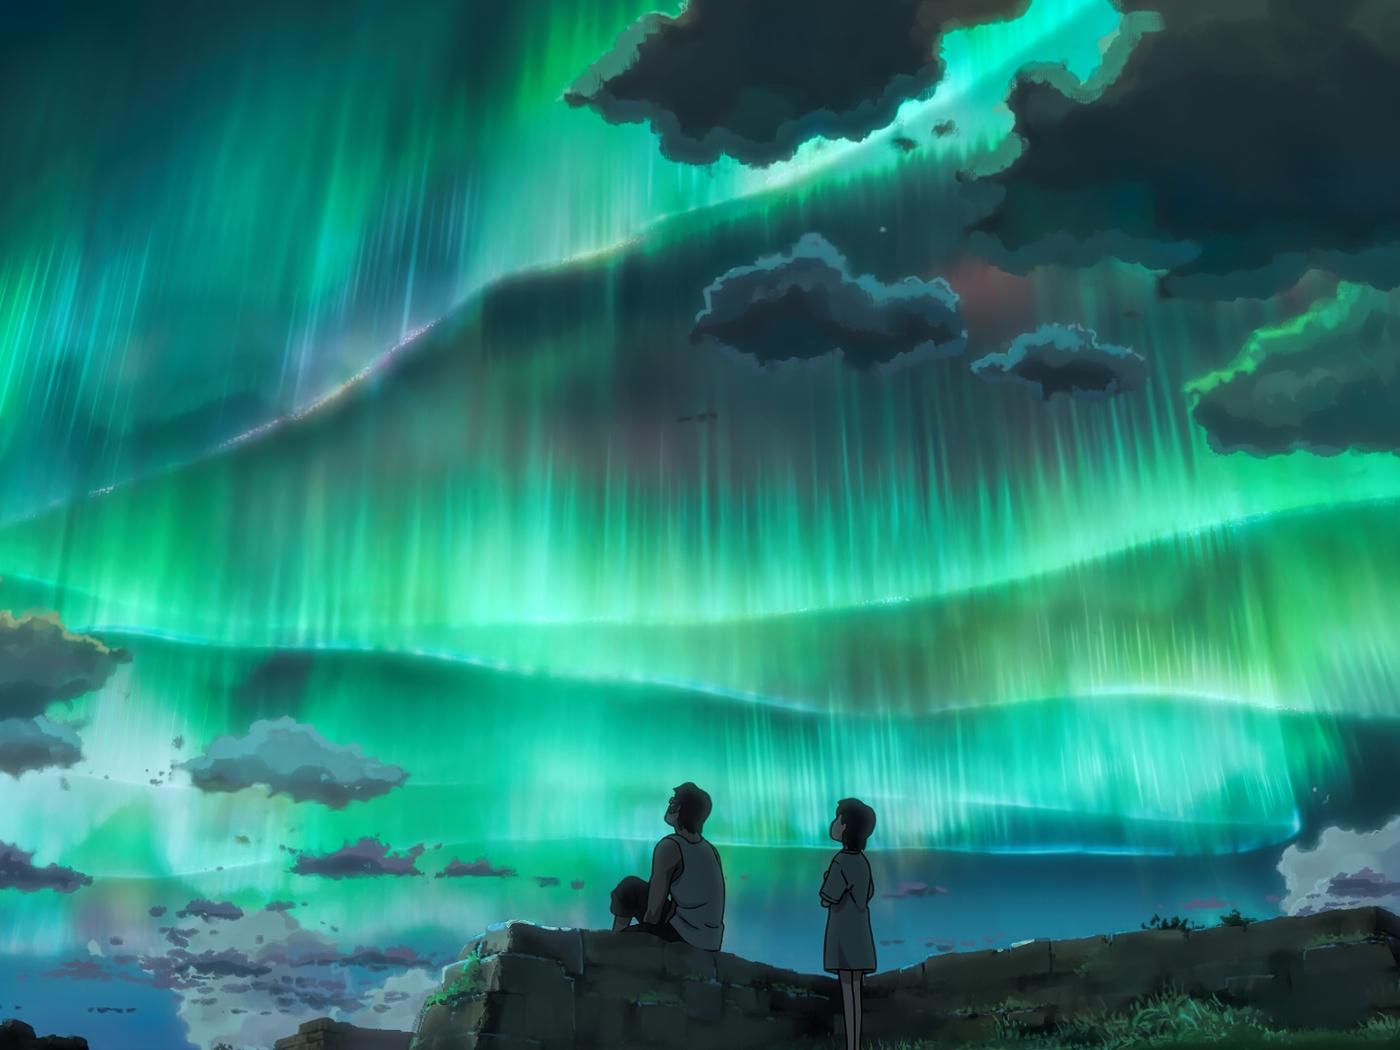 anime-couple-looking-at-aurora-sky-8k-ny.jpg